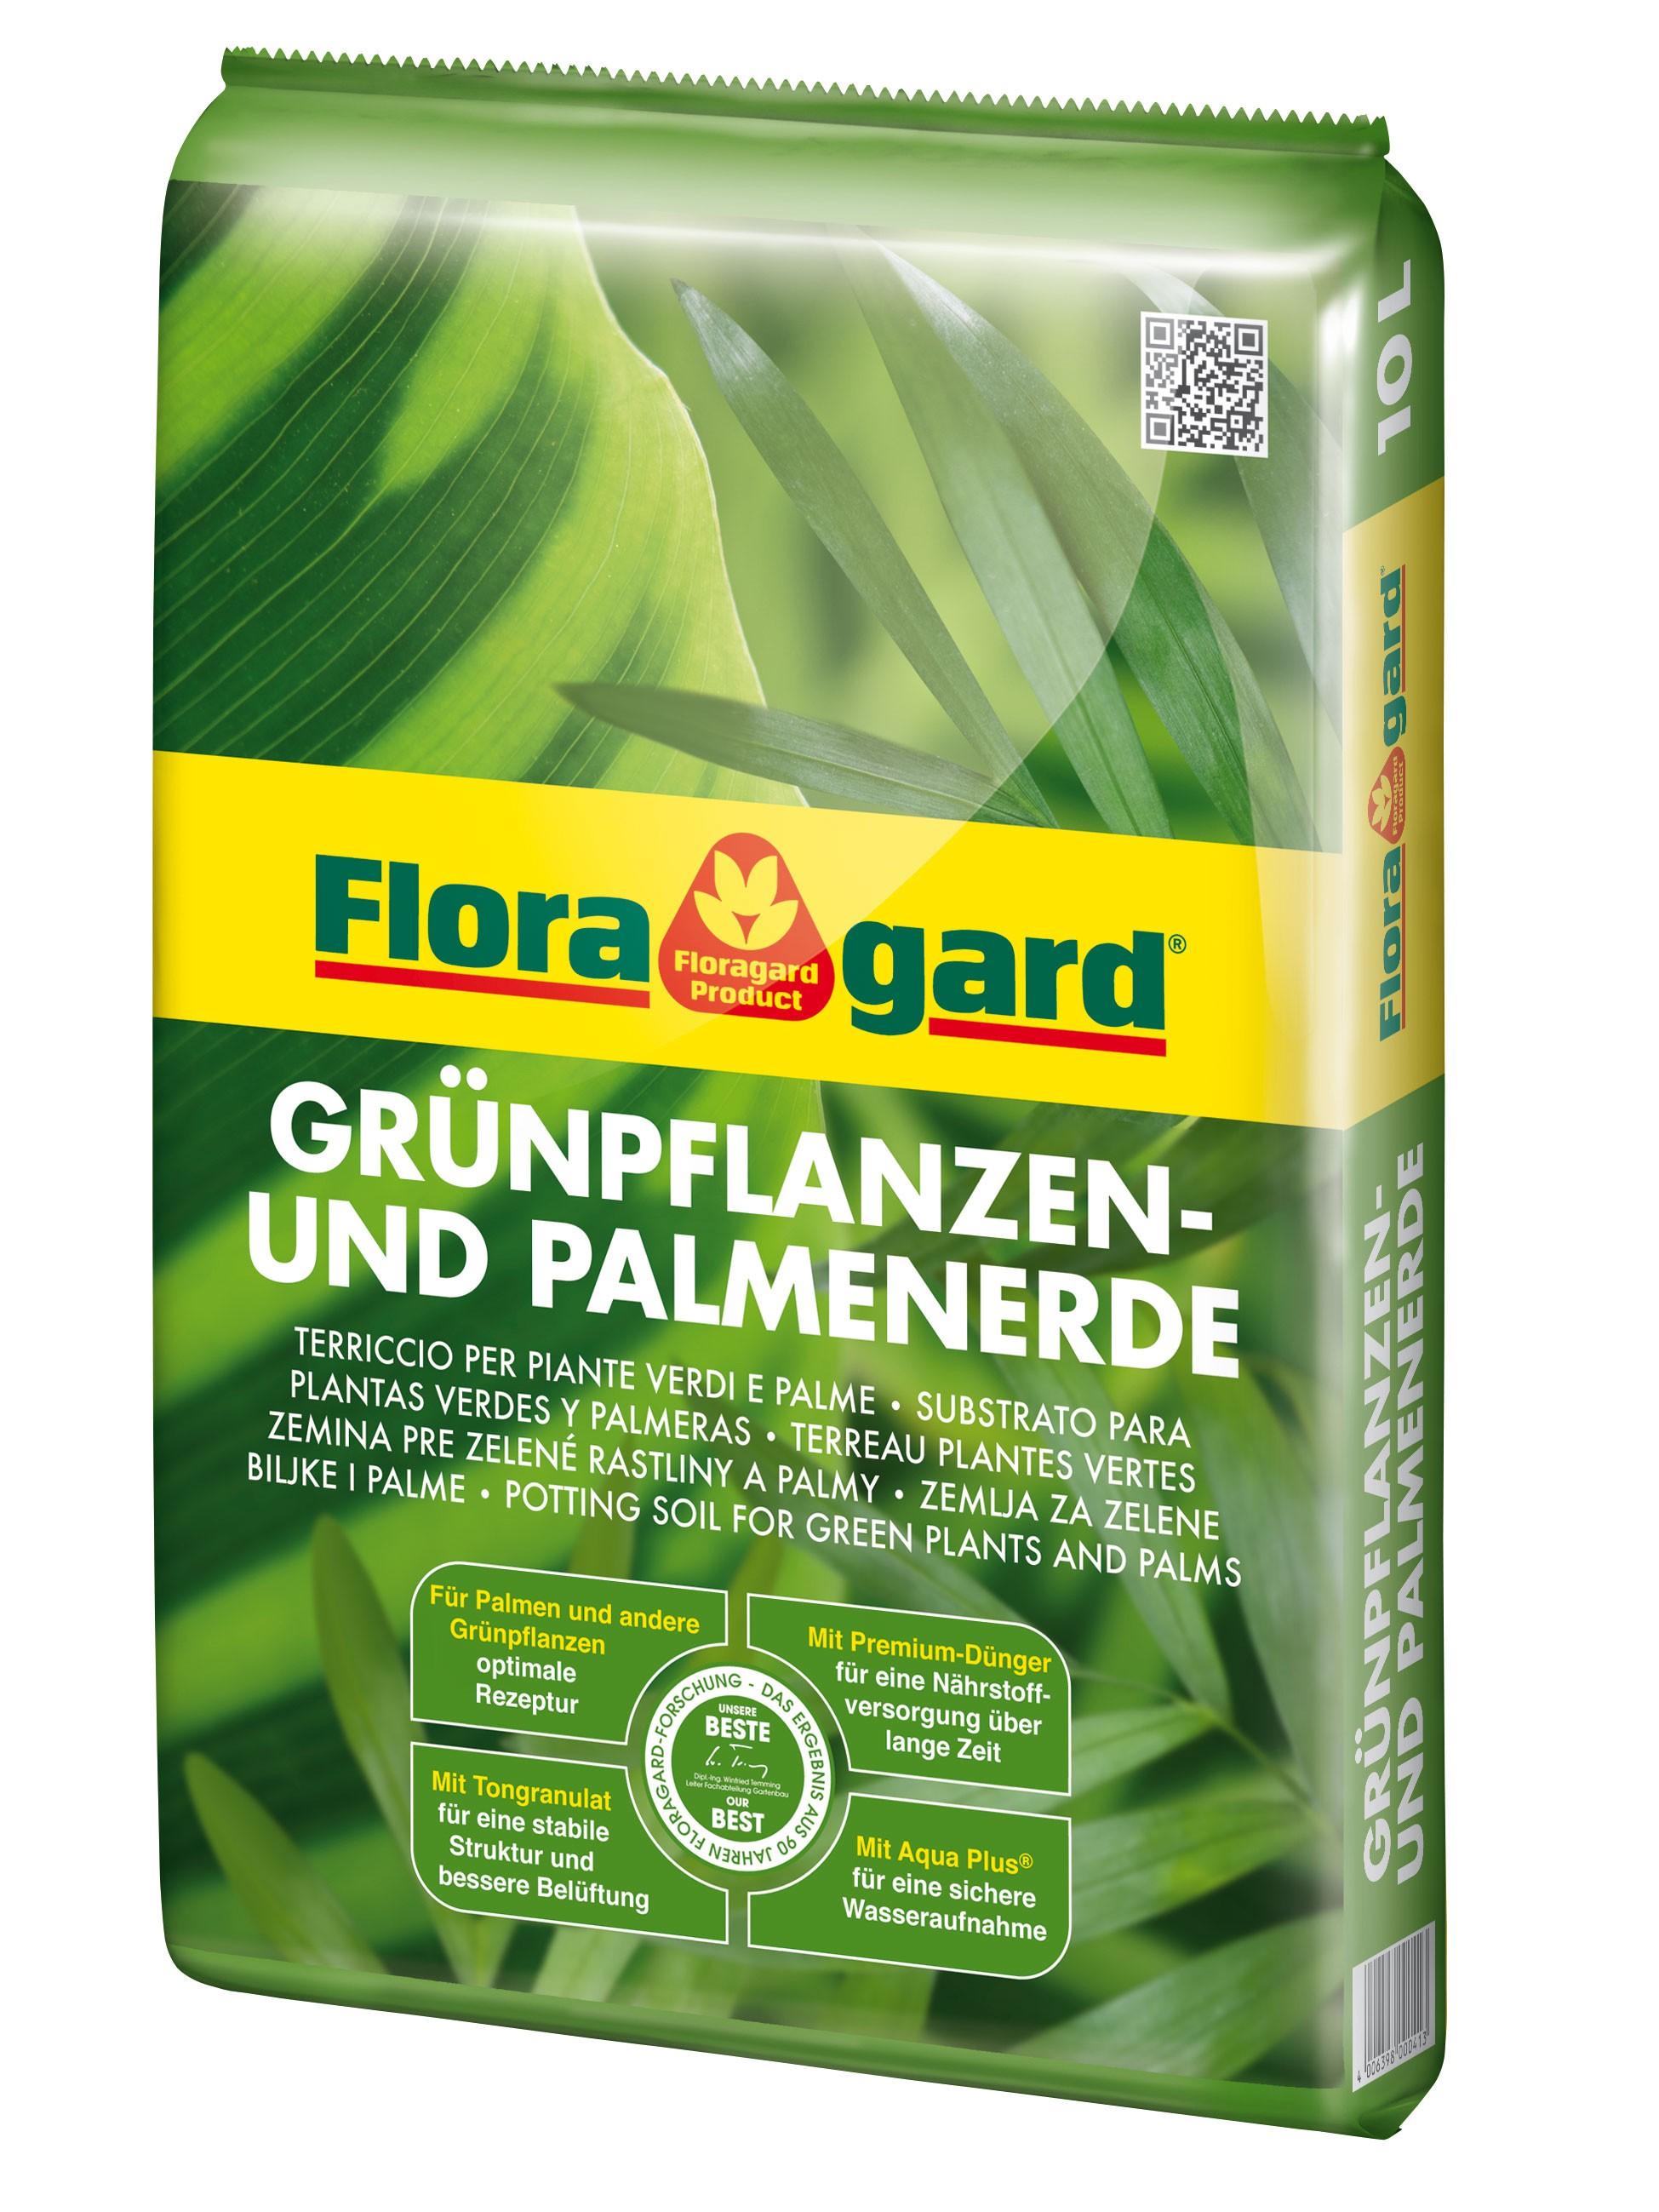 Floragard Grünpflanzen- und Palmenerde 10 Liter Bild 1